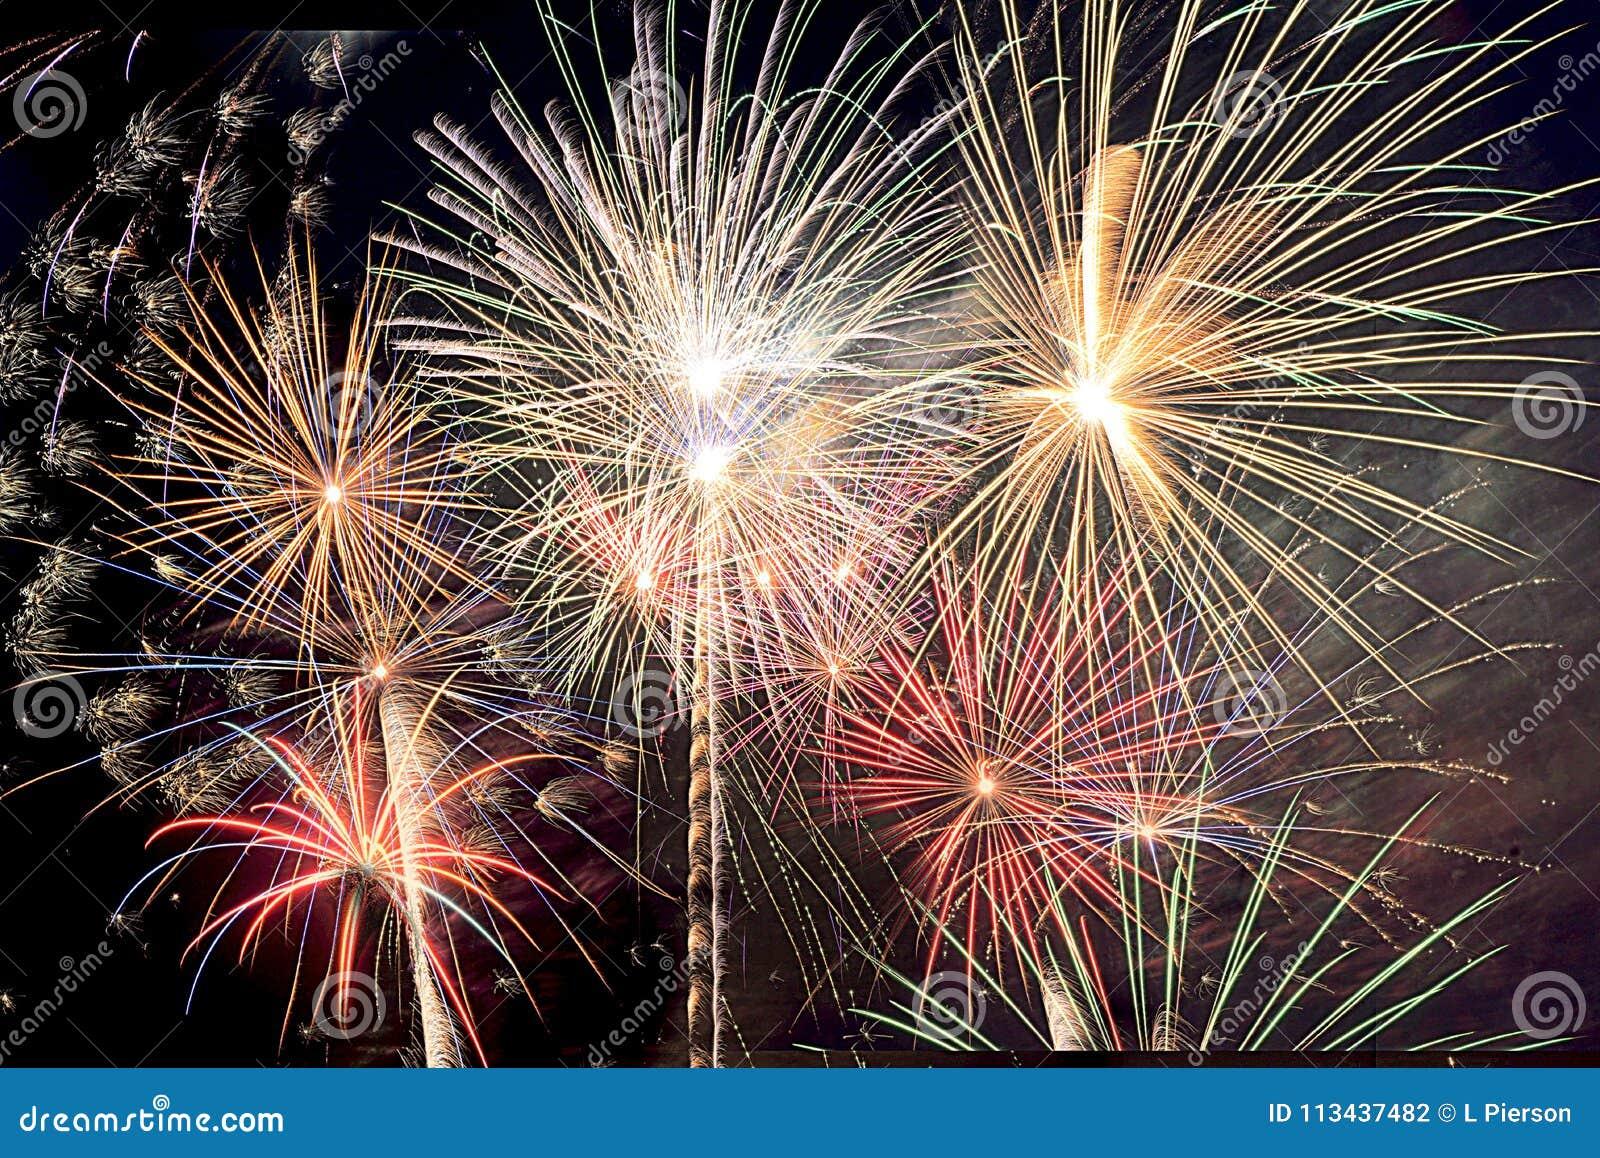 新年` s伊芙和美国独立纪念日烟花在南佛罗里达用充满活力的颜色爆炸包括夜空